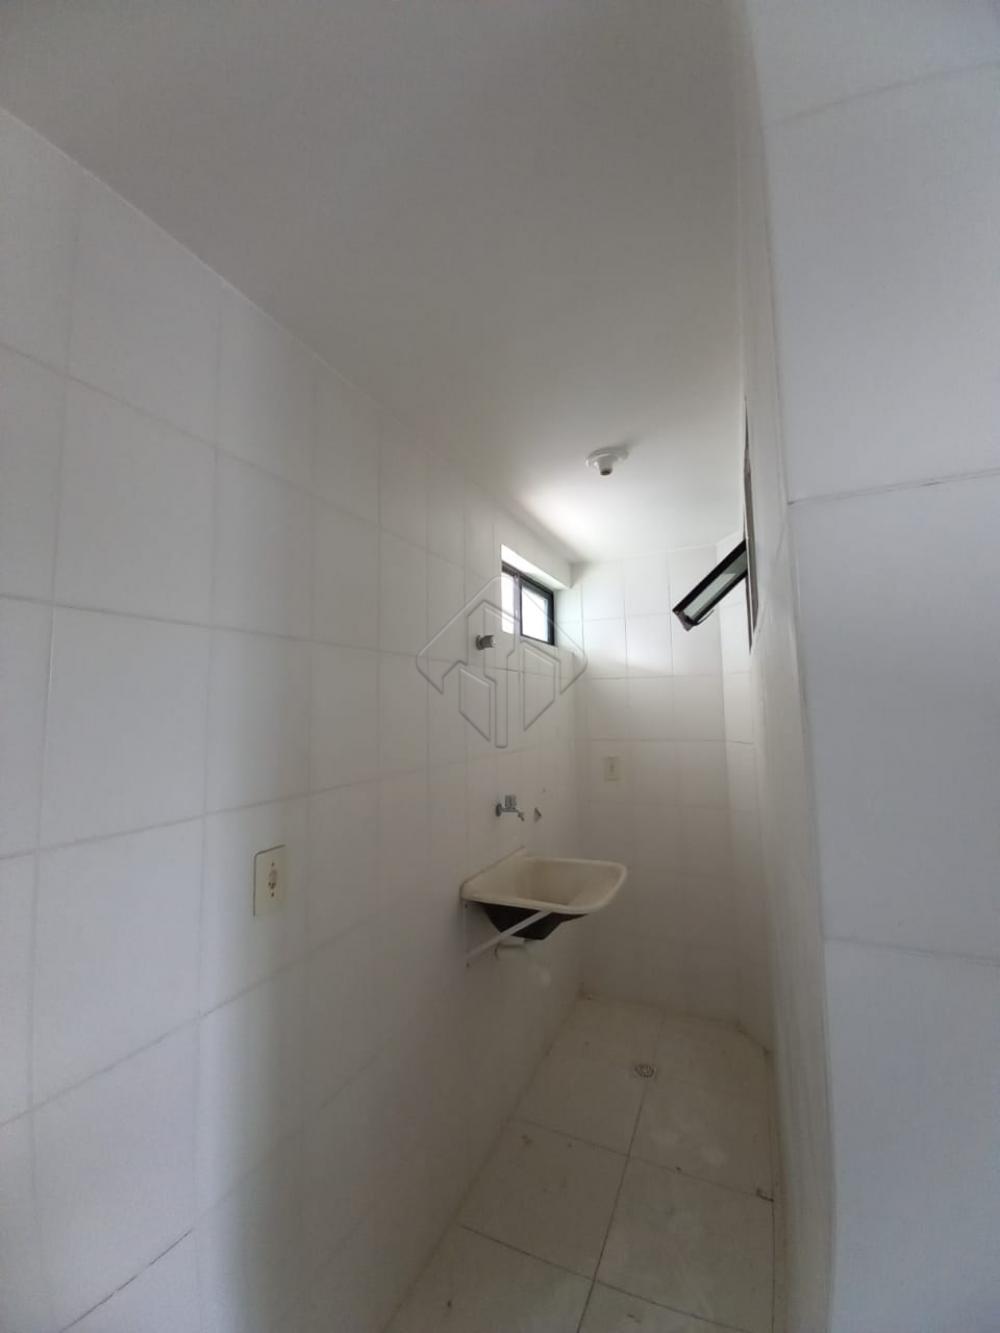 Apartamento localizado no bairro Jardim Cidade Universitária, medindo, 54,69m², com dois quartos,  sendo um suíte,  wc social, sala de estar/jantar,  cozinha com projetados e área de serviço. Uma vaga de garagem, prédio sob pilotis. Posição Nascente, excelente ventilação, próximo a USF( UNIDADE SAÚDE DA FAMÍLIA), supemercados, parada de ônibus, escolas,restaurantes!  AGENDE AGORA SUA VISITA TEIXEIRA DE CARVALHO IMOBILIÁRIA CRECI 304J - (83) 2106-4545